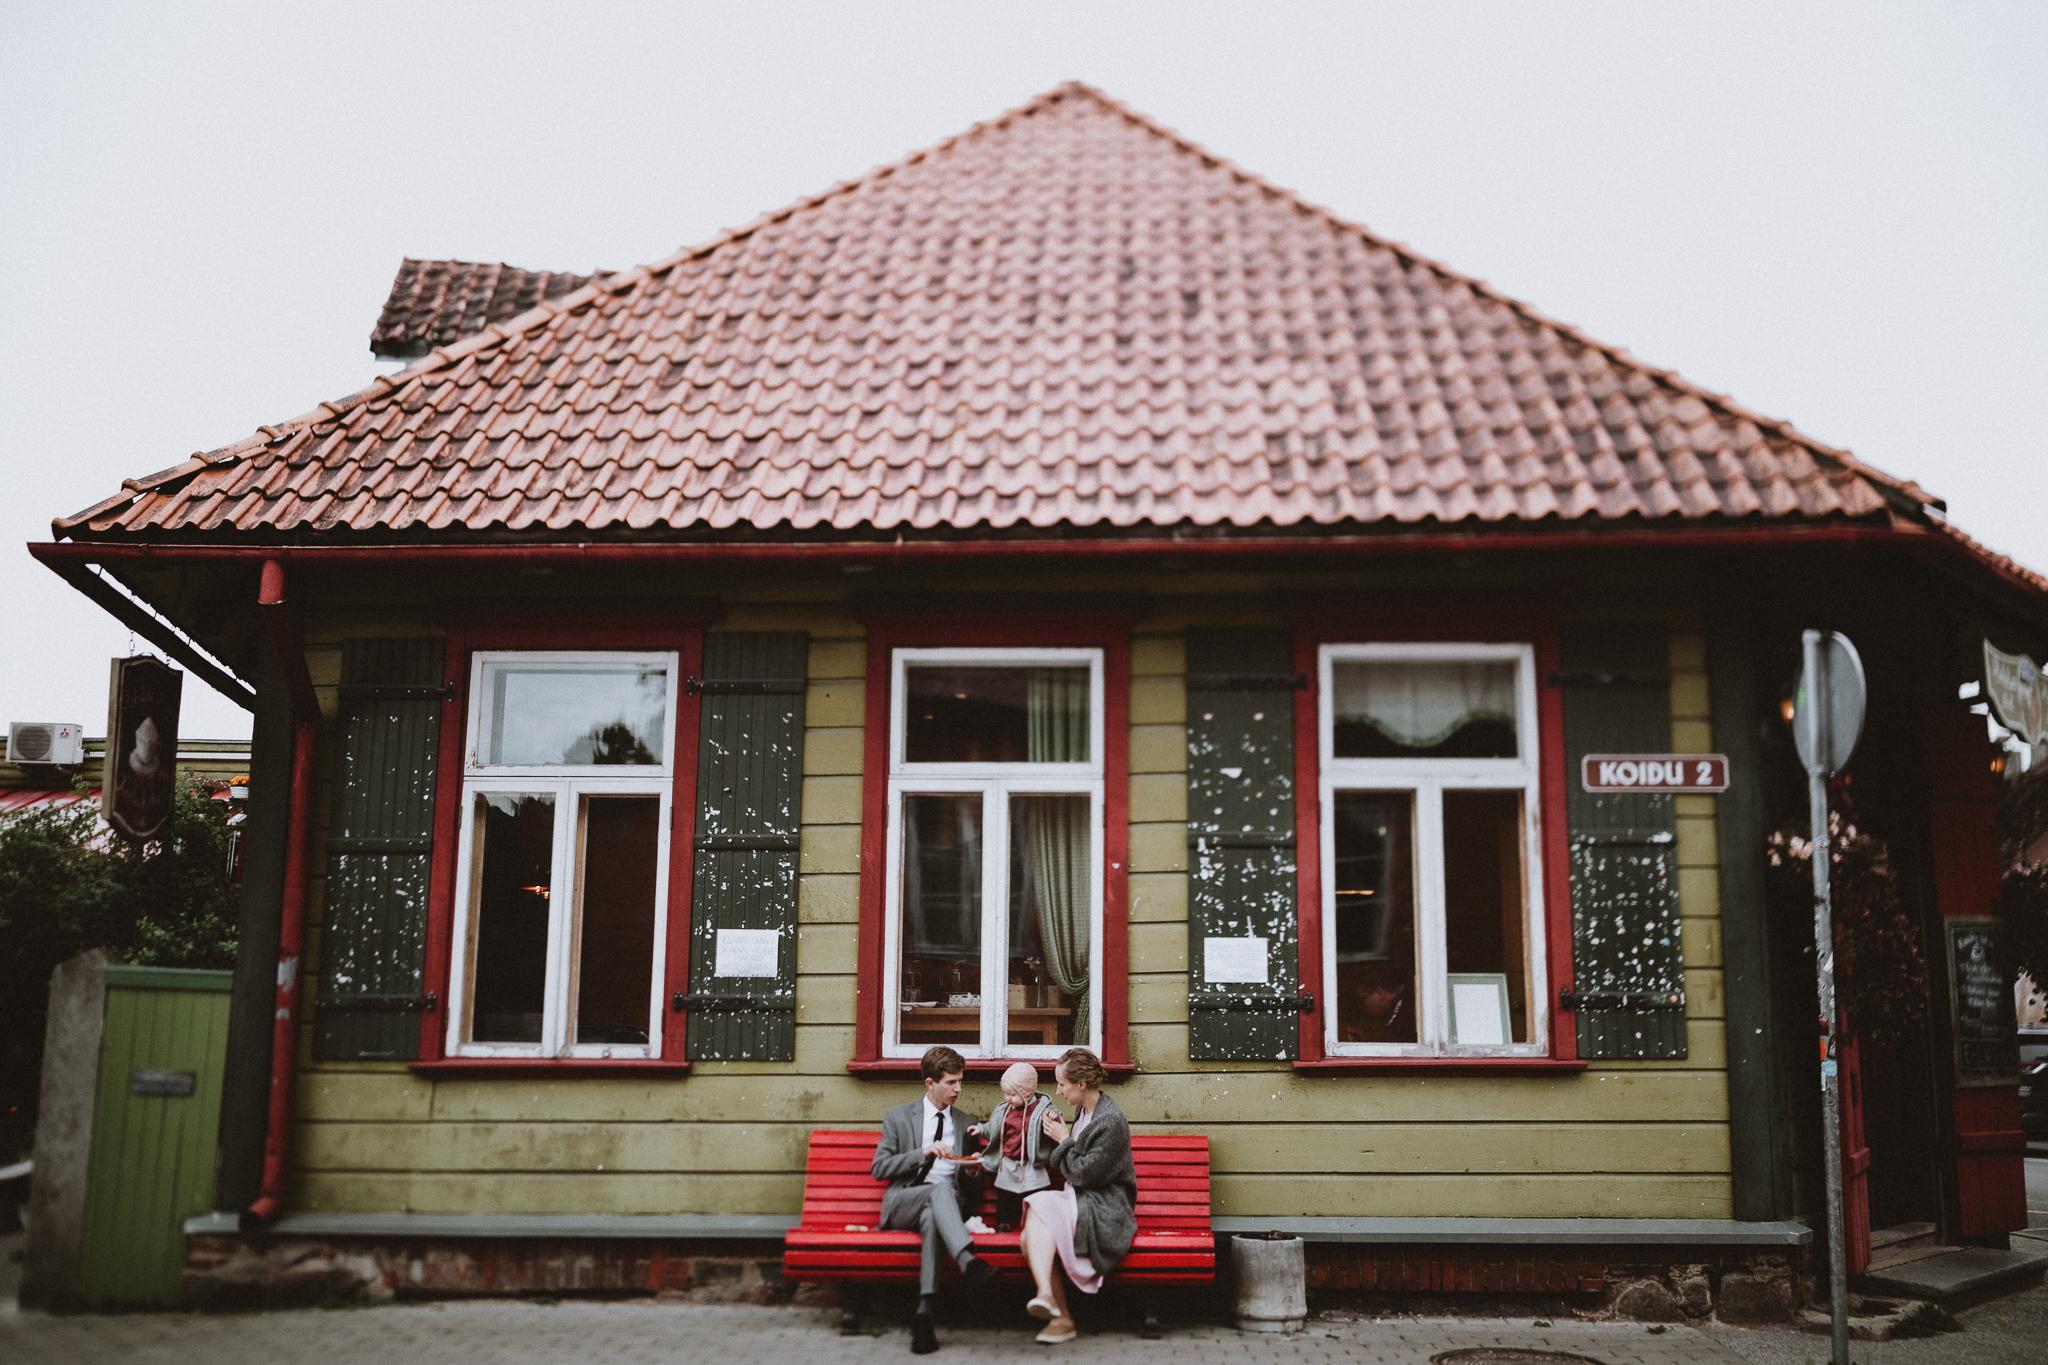 perepilt viljandis, rohelise maja kohviku ees pirukaid söömas.